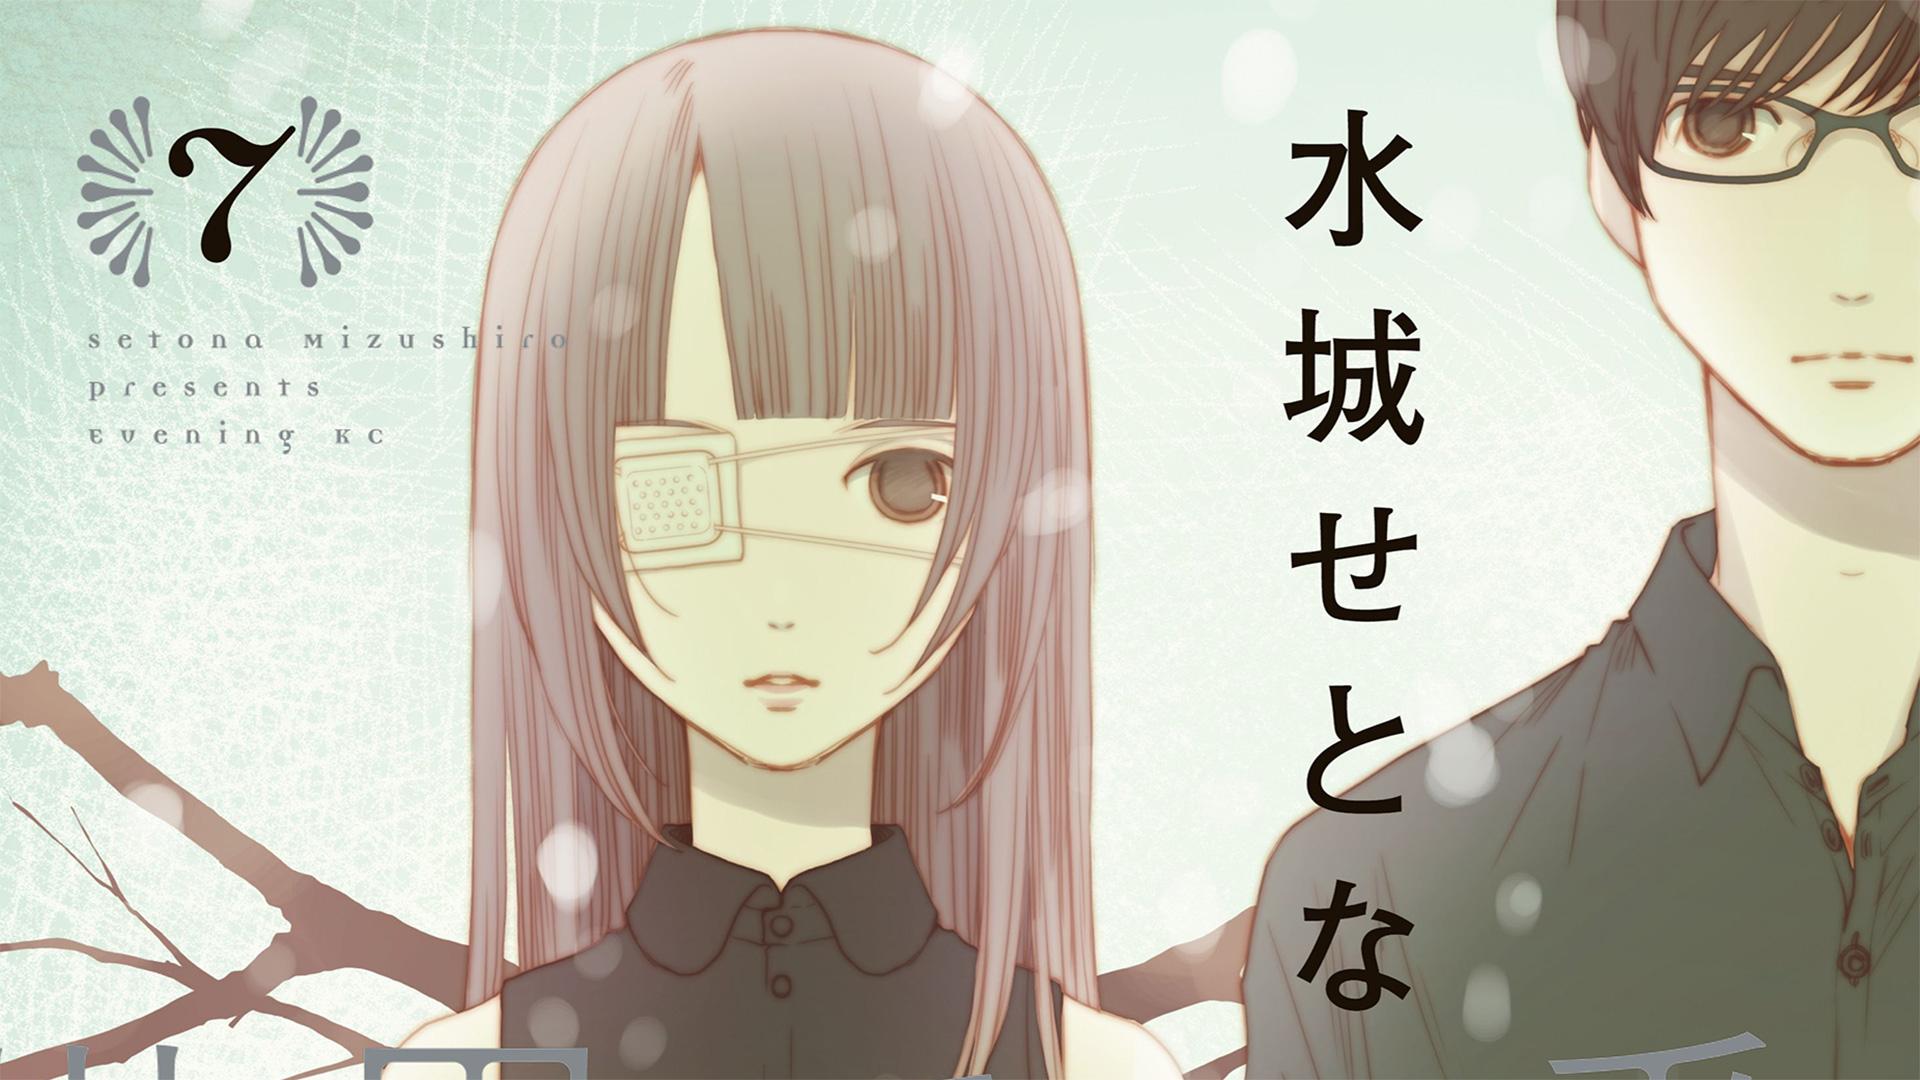 Setona Mizushiro coloca 'Sekai de Ichiban, Ore ga ◯◯' Manga em hiatus até fevereiro